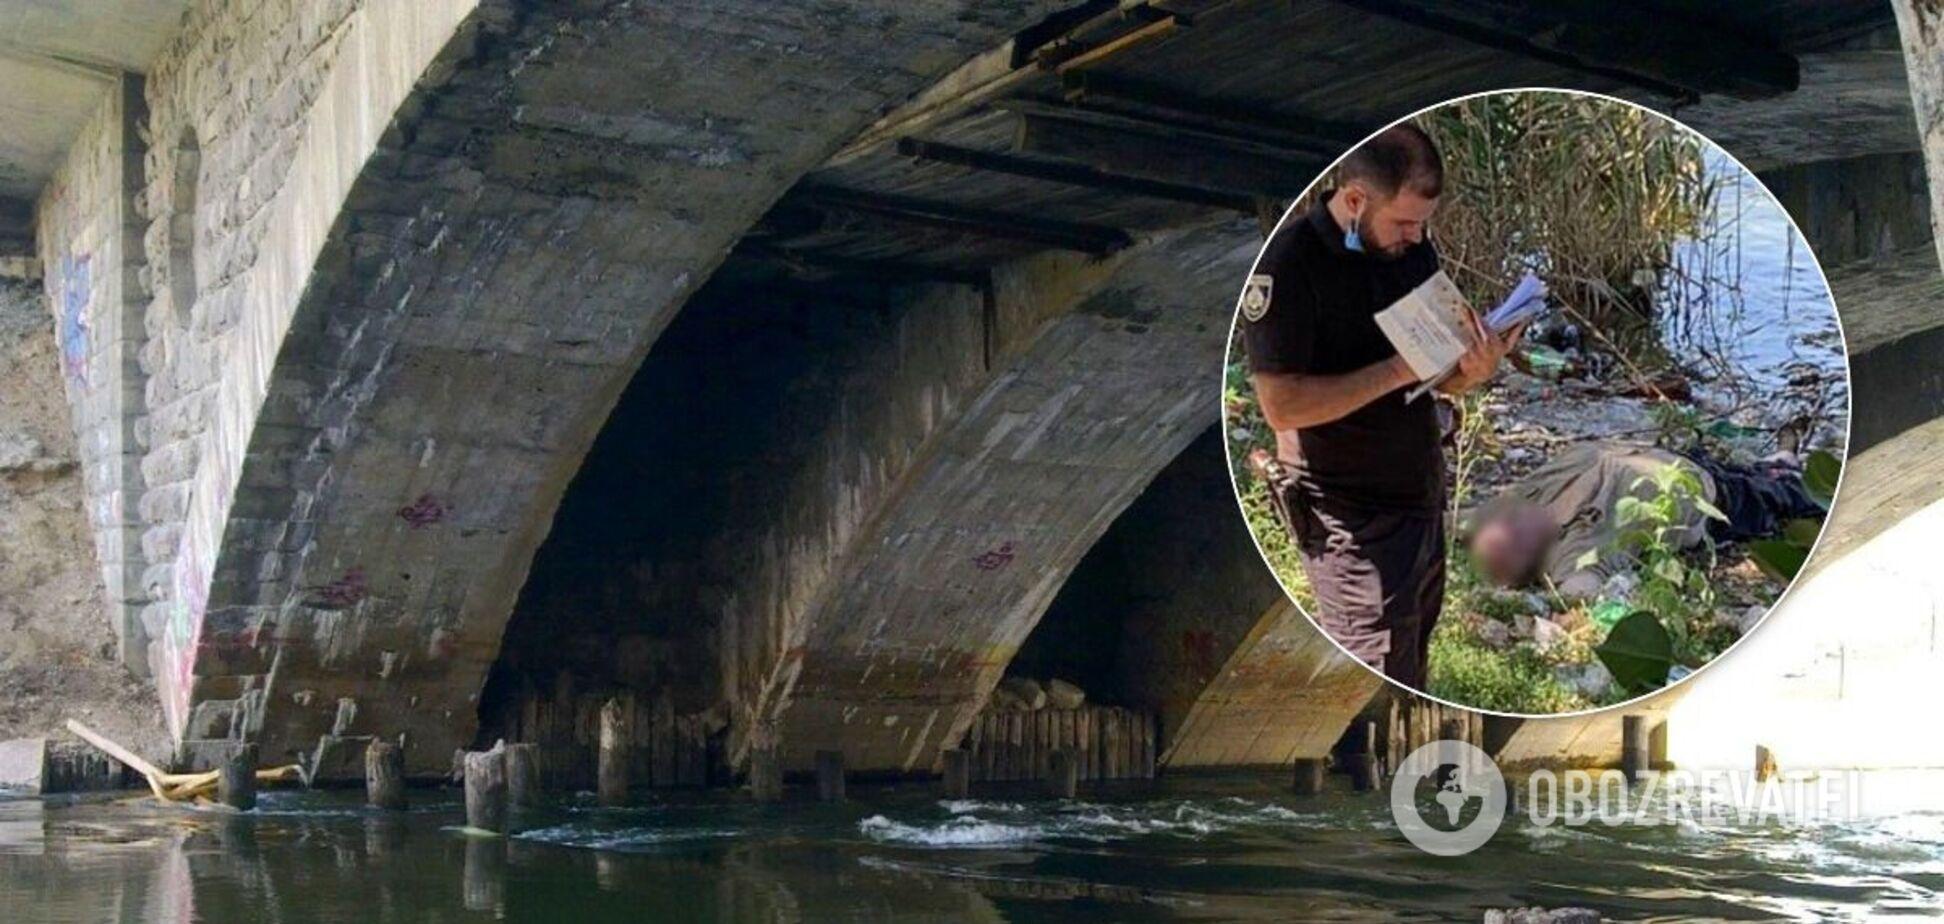 У Кривому Розі в воді під мостом знайшли тіло чоловіка. Фото 18+